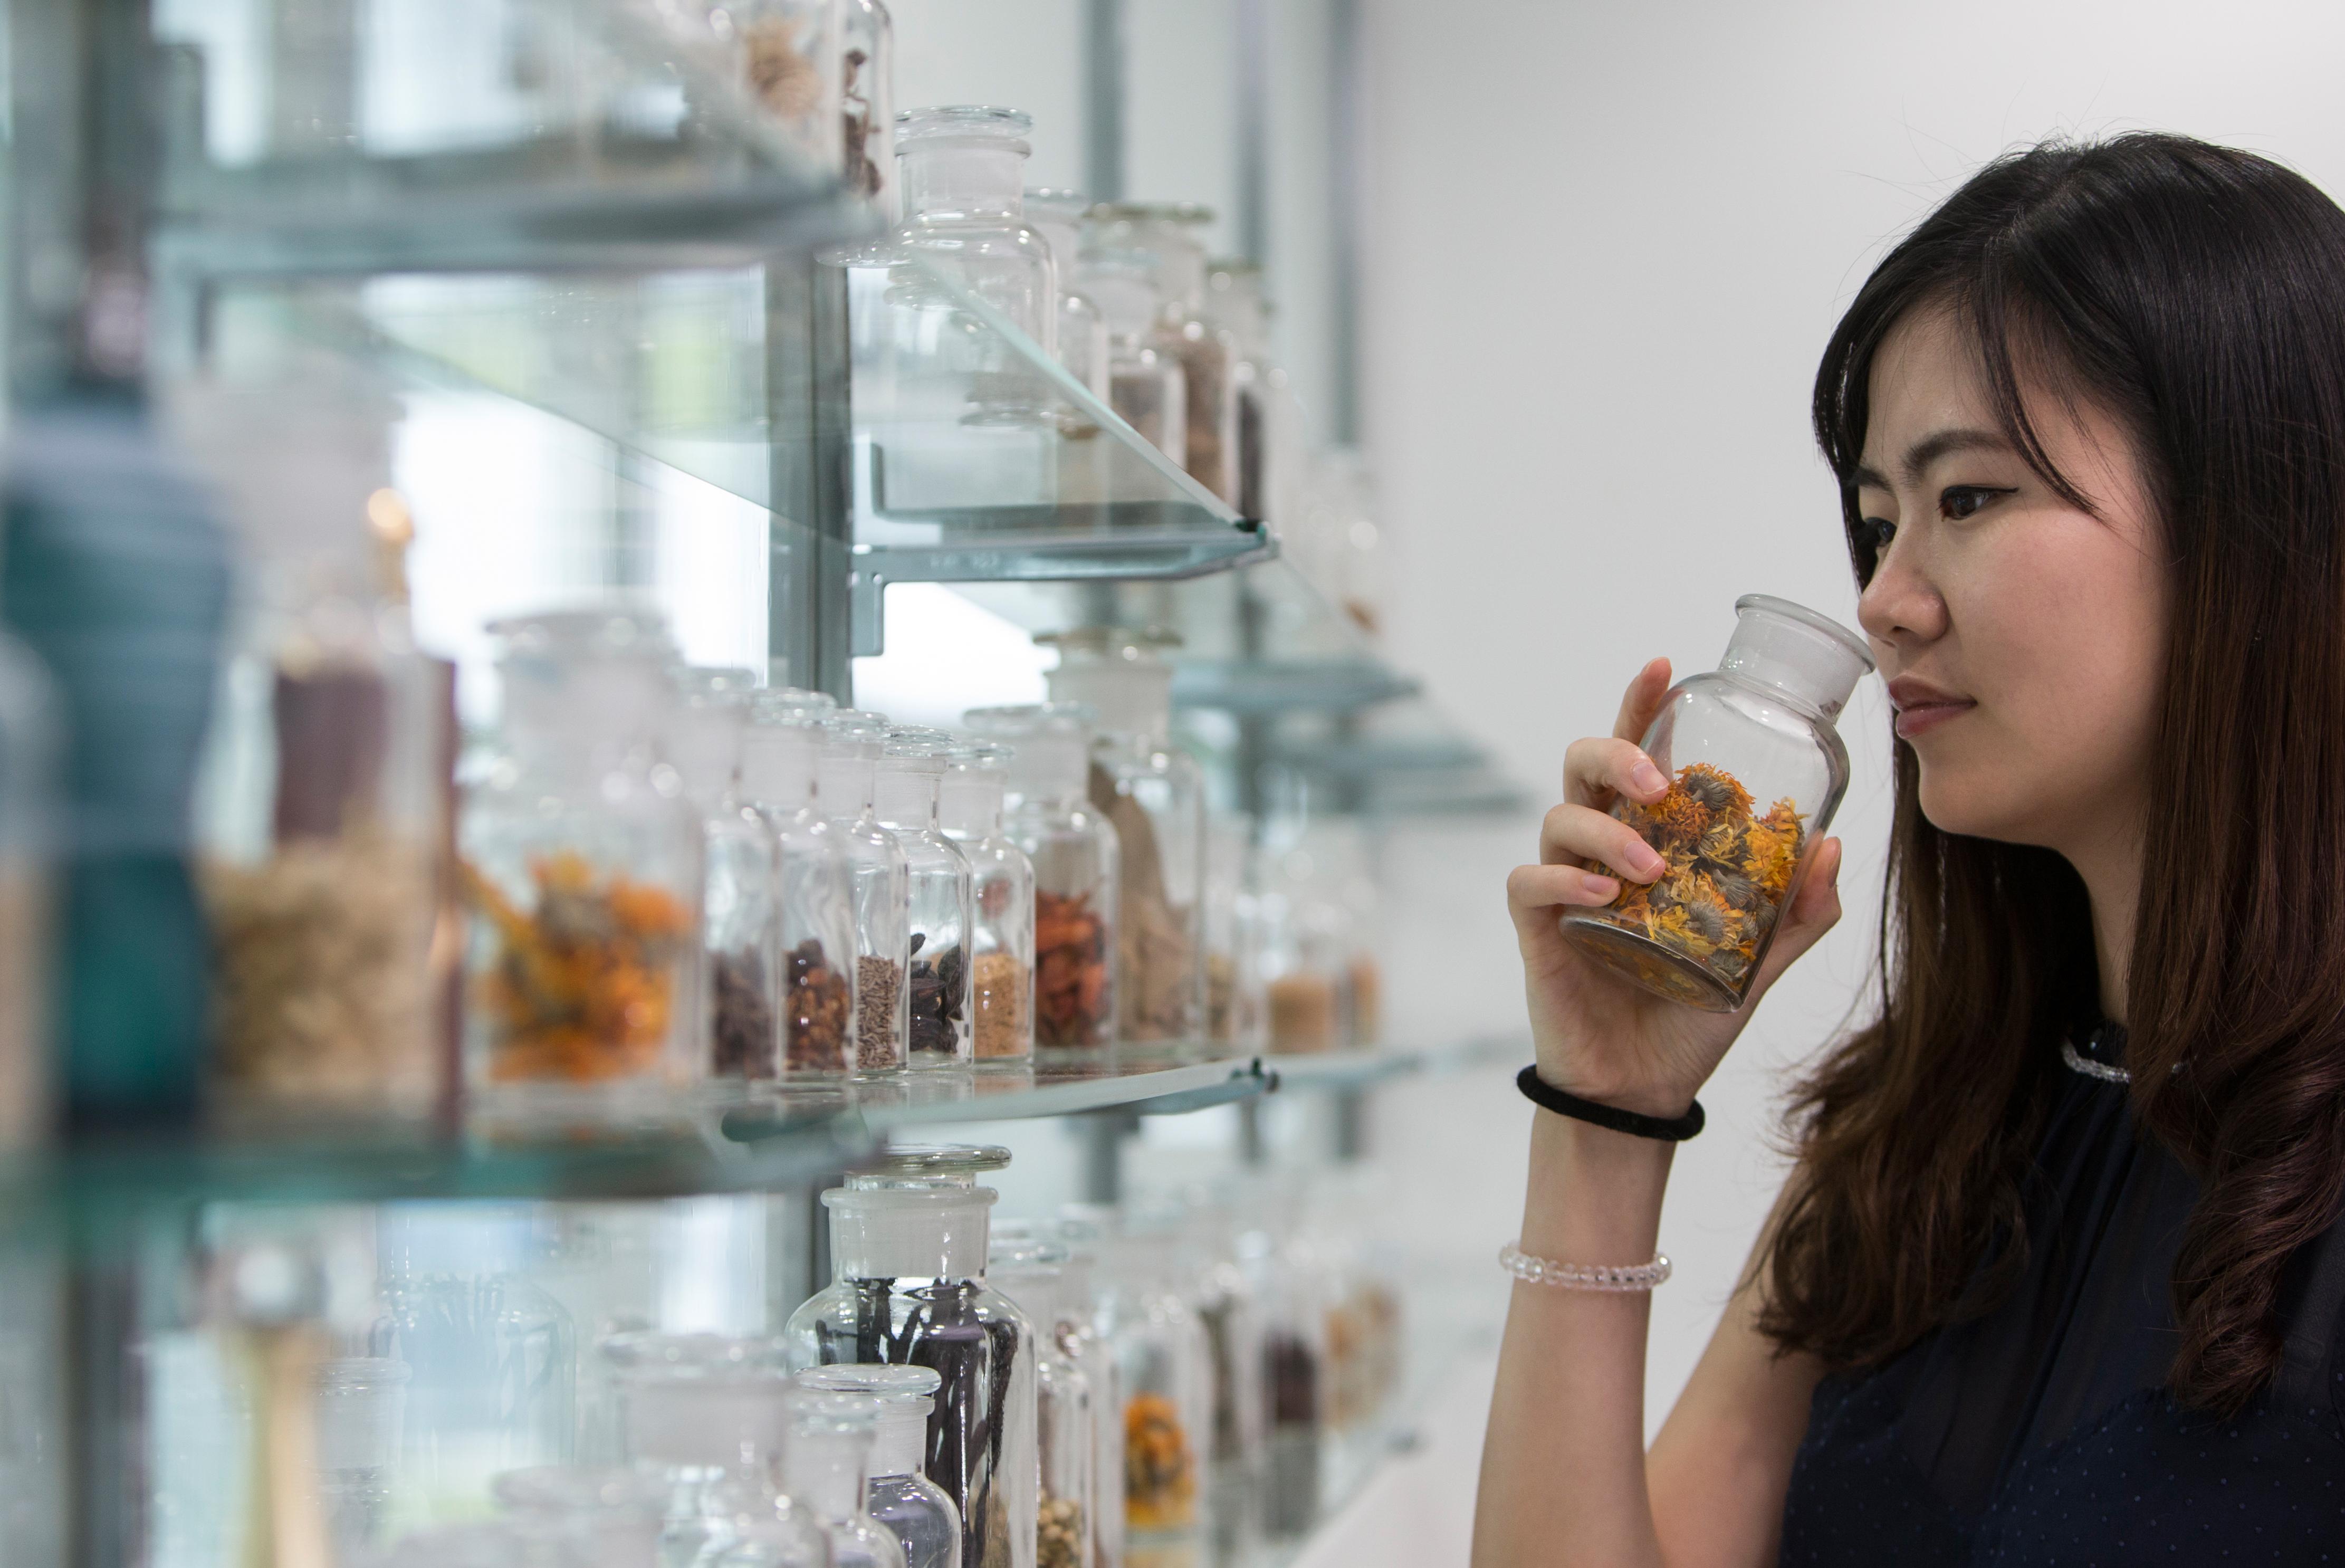 Singapore site, Perfumery School